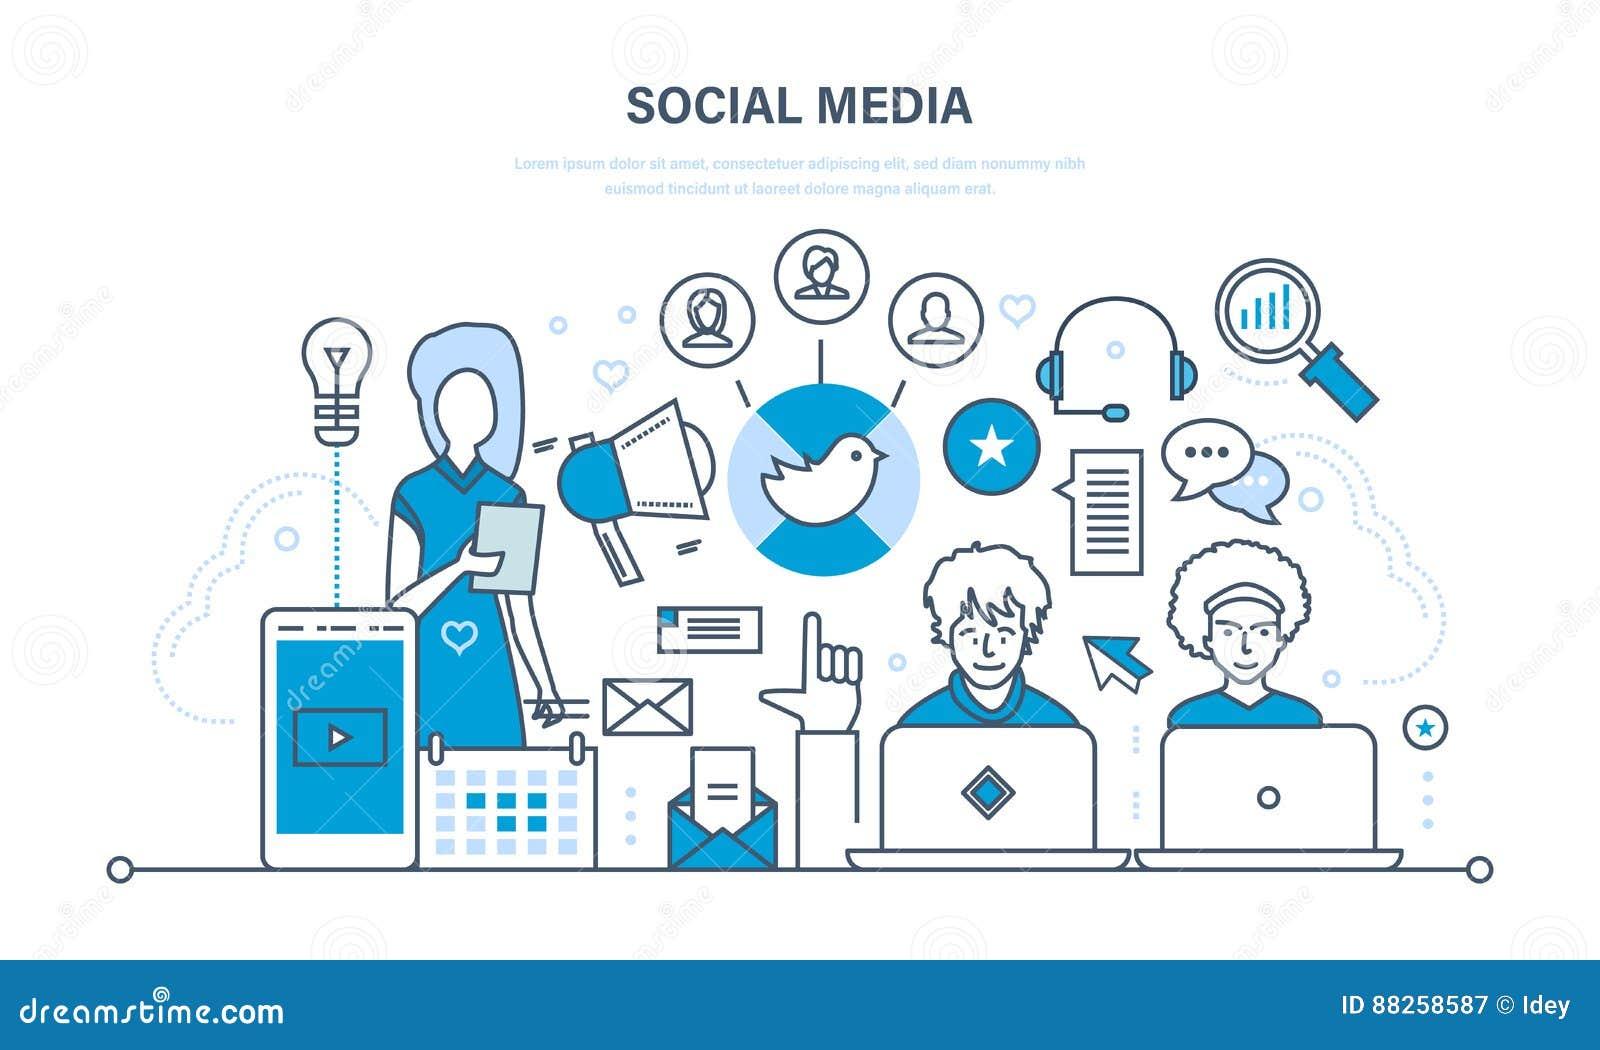 Социальная принципиальная схема средств Сообщения, обслуживание и поддержка, обмен информацией, технология